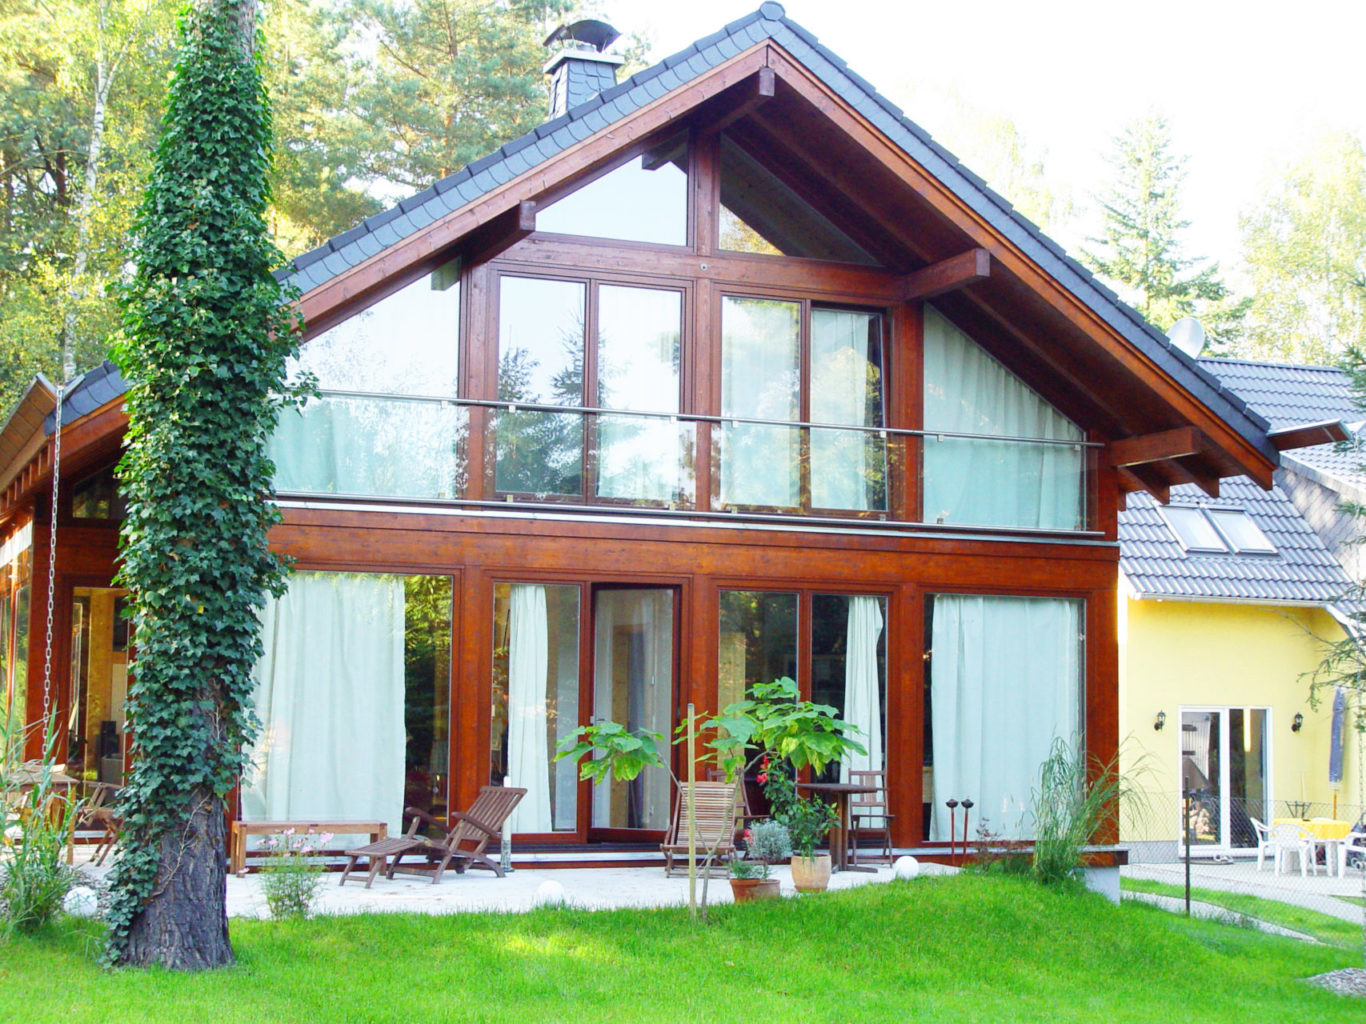 Modernes Landhaus bauen im Holzskelettbau (Fachwerk Landhausstil ...